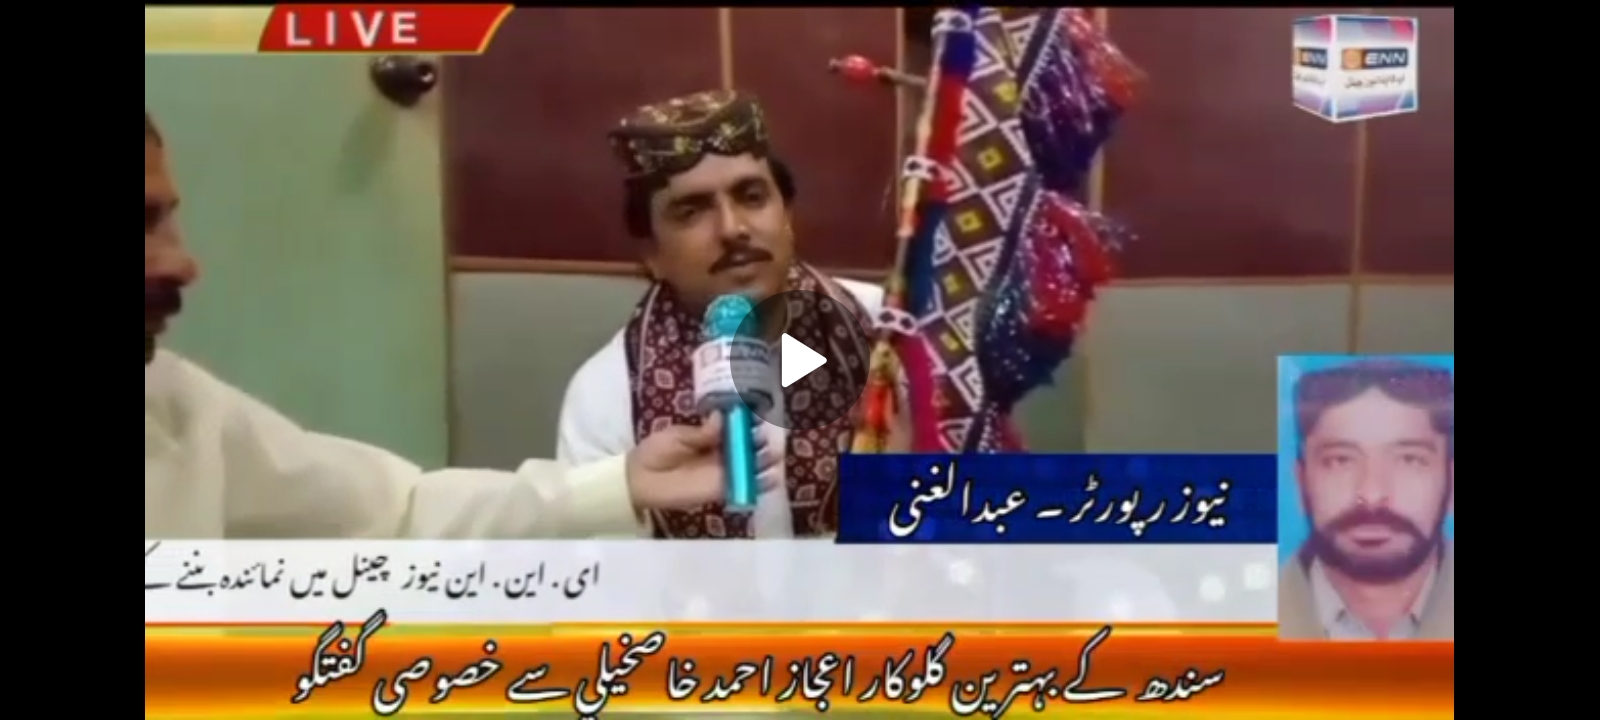 سندھ کے بہترین گلوکار اعجاز احمد خاصخيلي سے خصوصی گفتگو